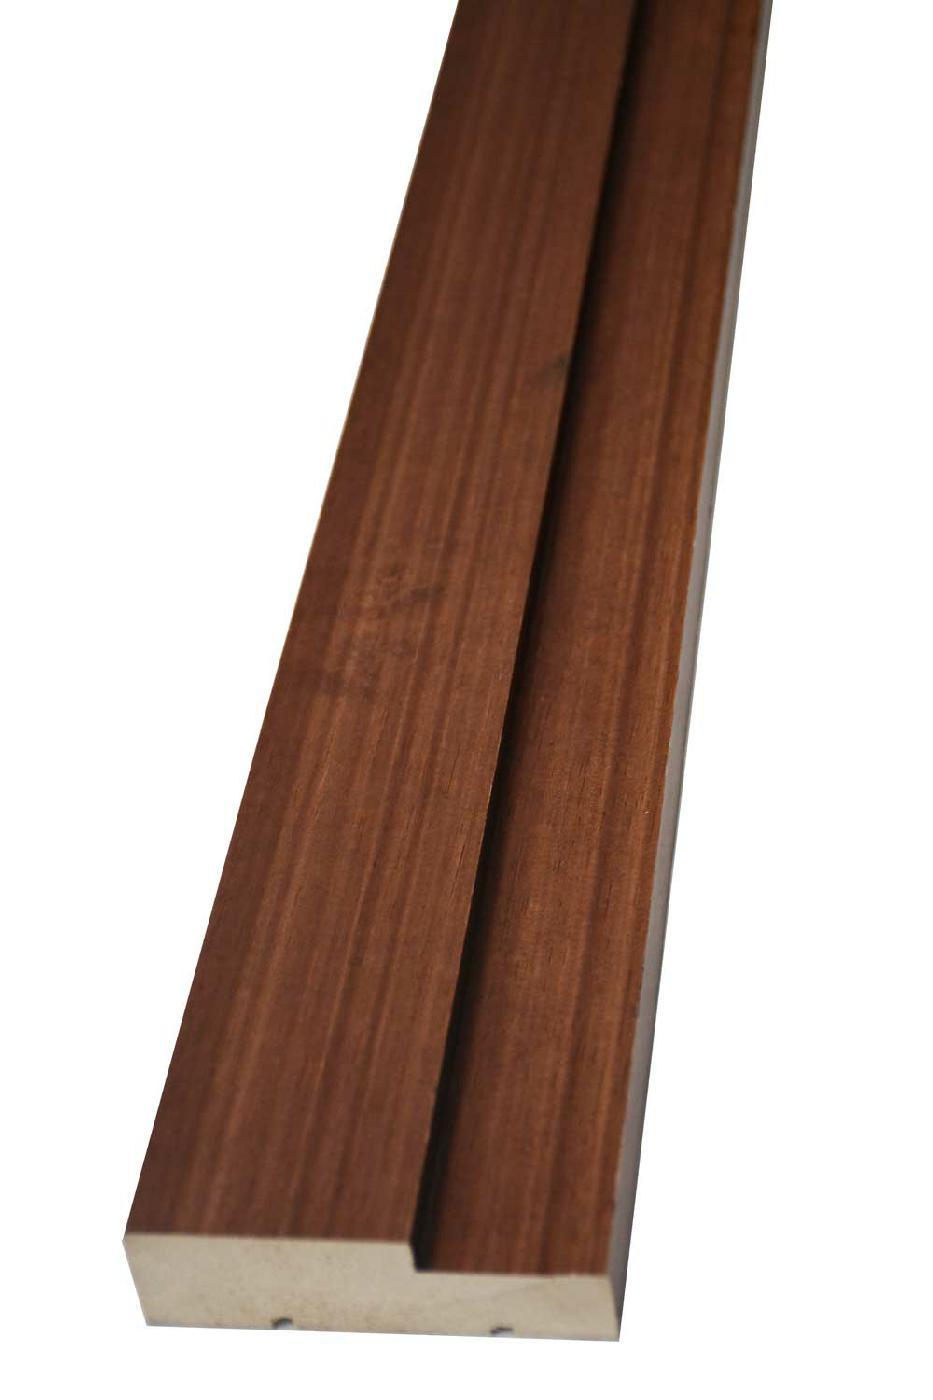 Maderas san jos marcos en madera Precio puertas de paso